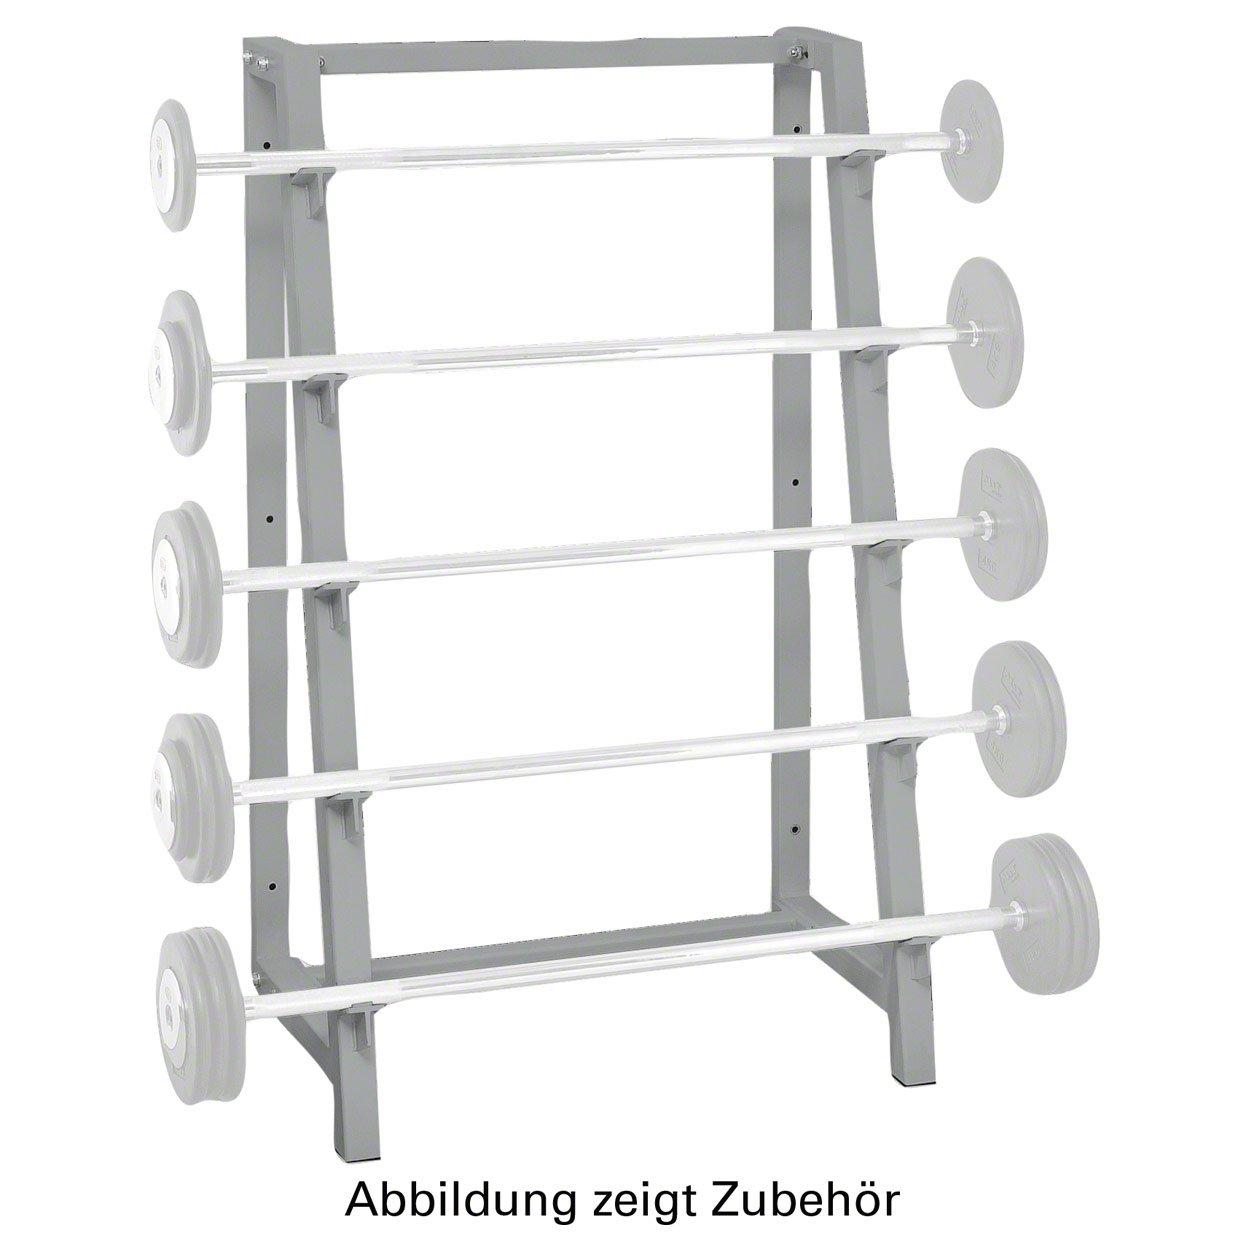 Langhantel-Ständer Hantelständer Langhantelständer für Fitnessstudios 5 Ablagen